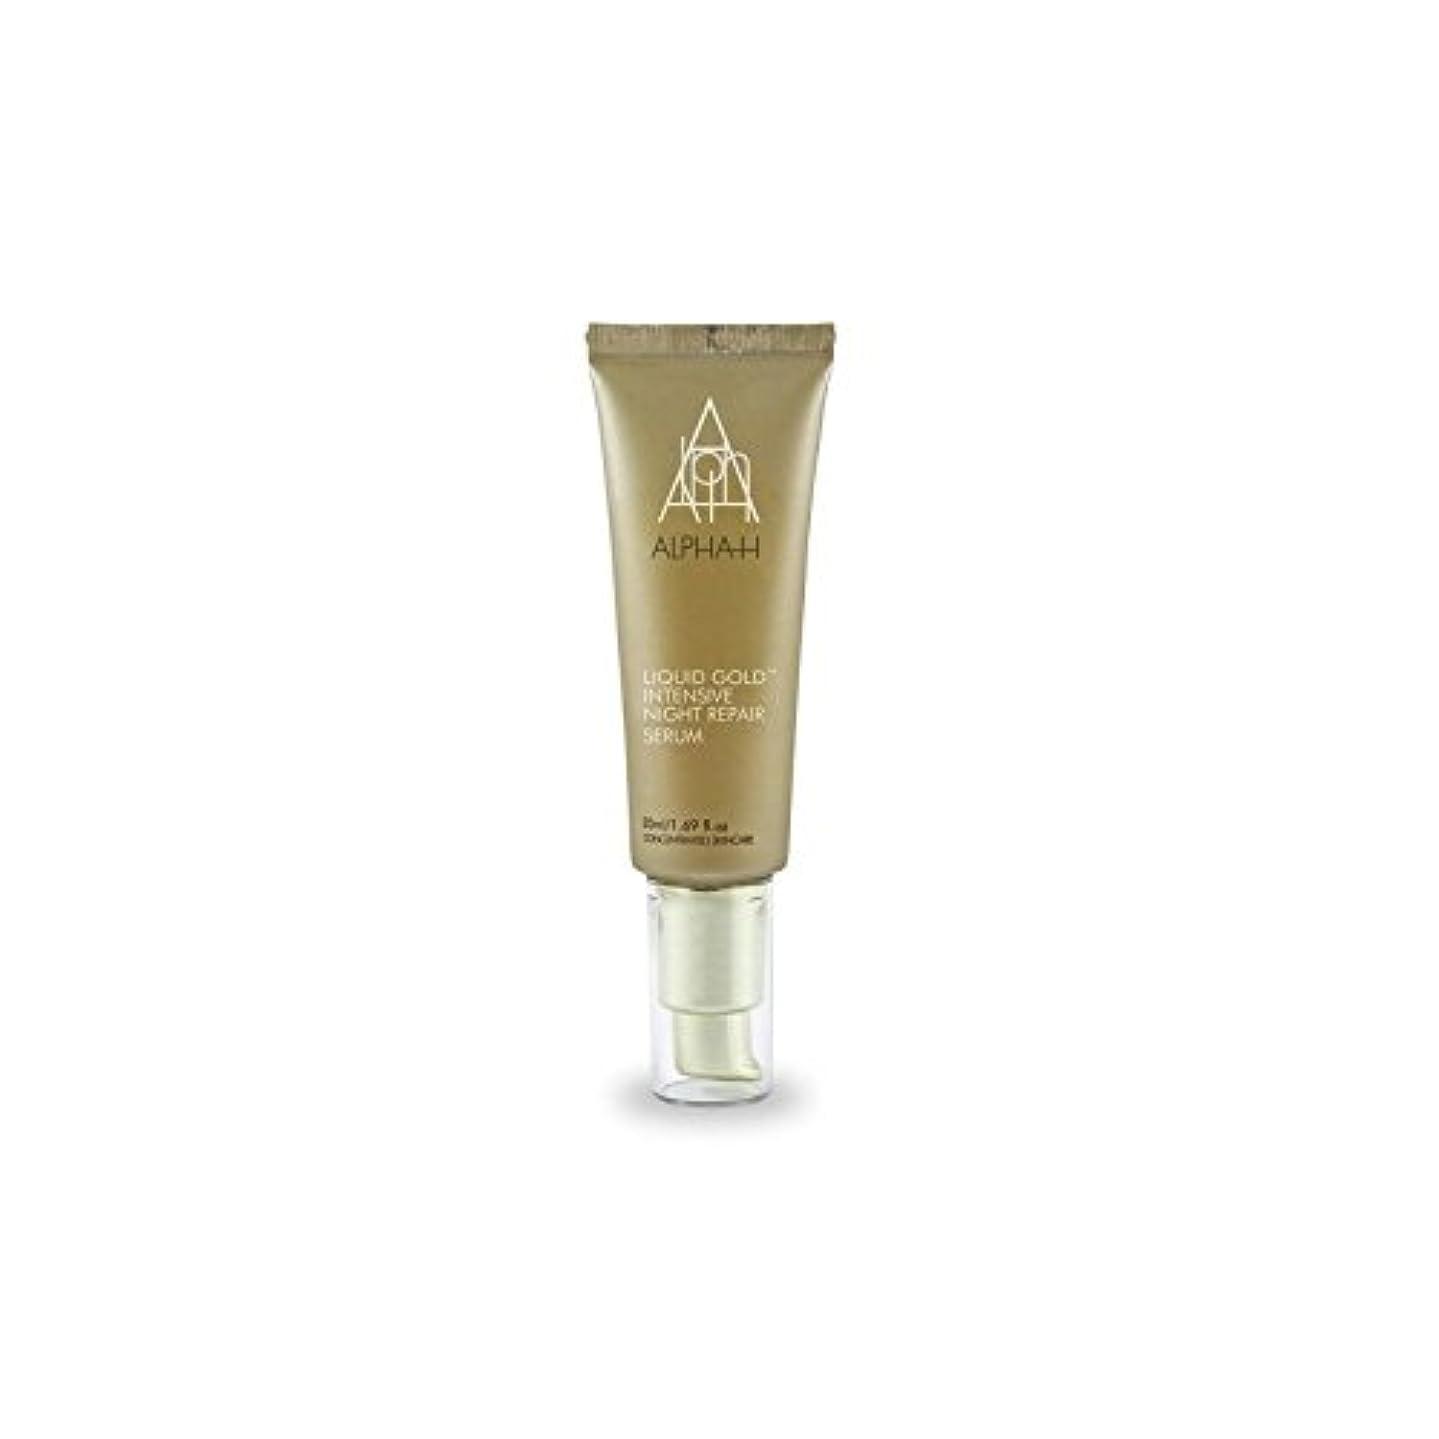 歩く暖炉大洪水Alpha-H Liquid Gold Intensive Night Repair Serum (50ml) (Pack of 6) - アルファ時間の液体の金の集中夜の修理血清(50ミリリットル) x6 [並行輸入品]